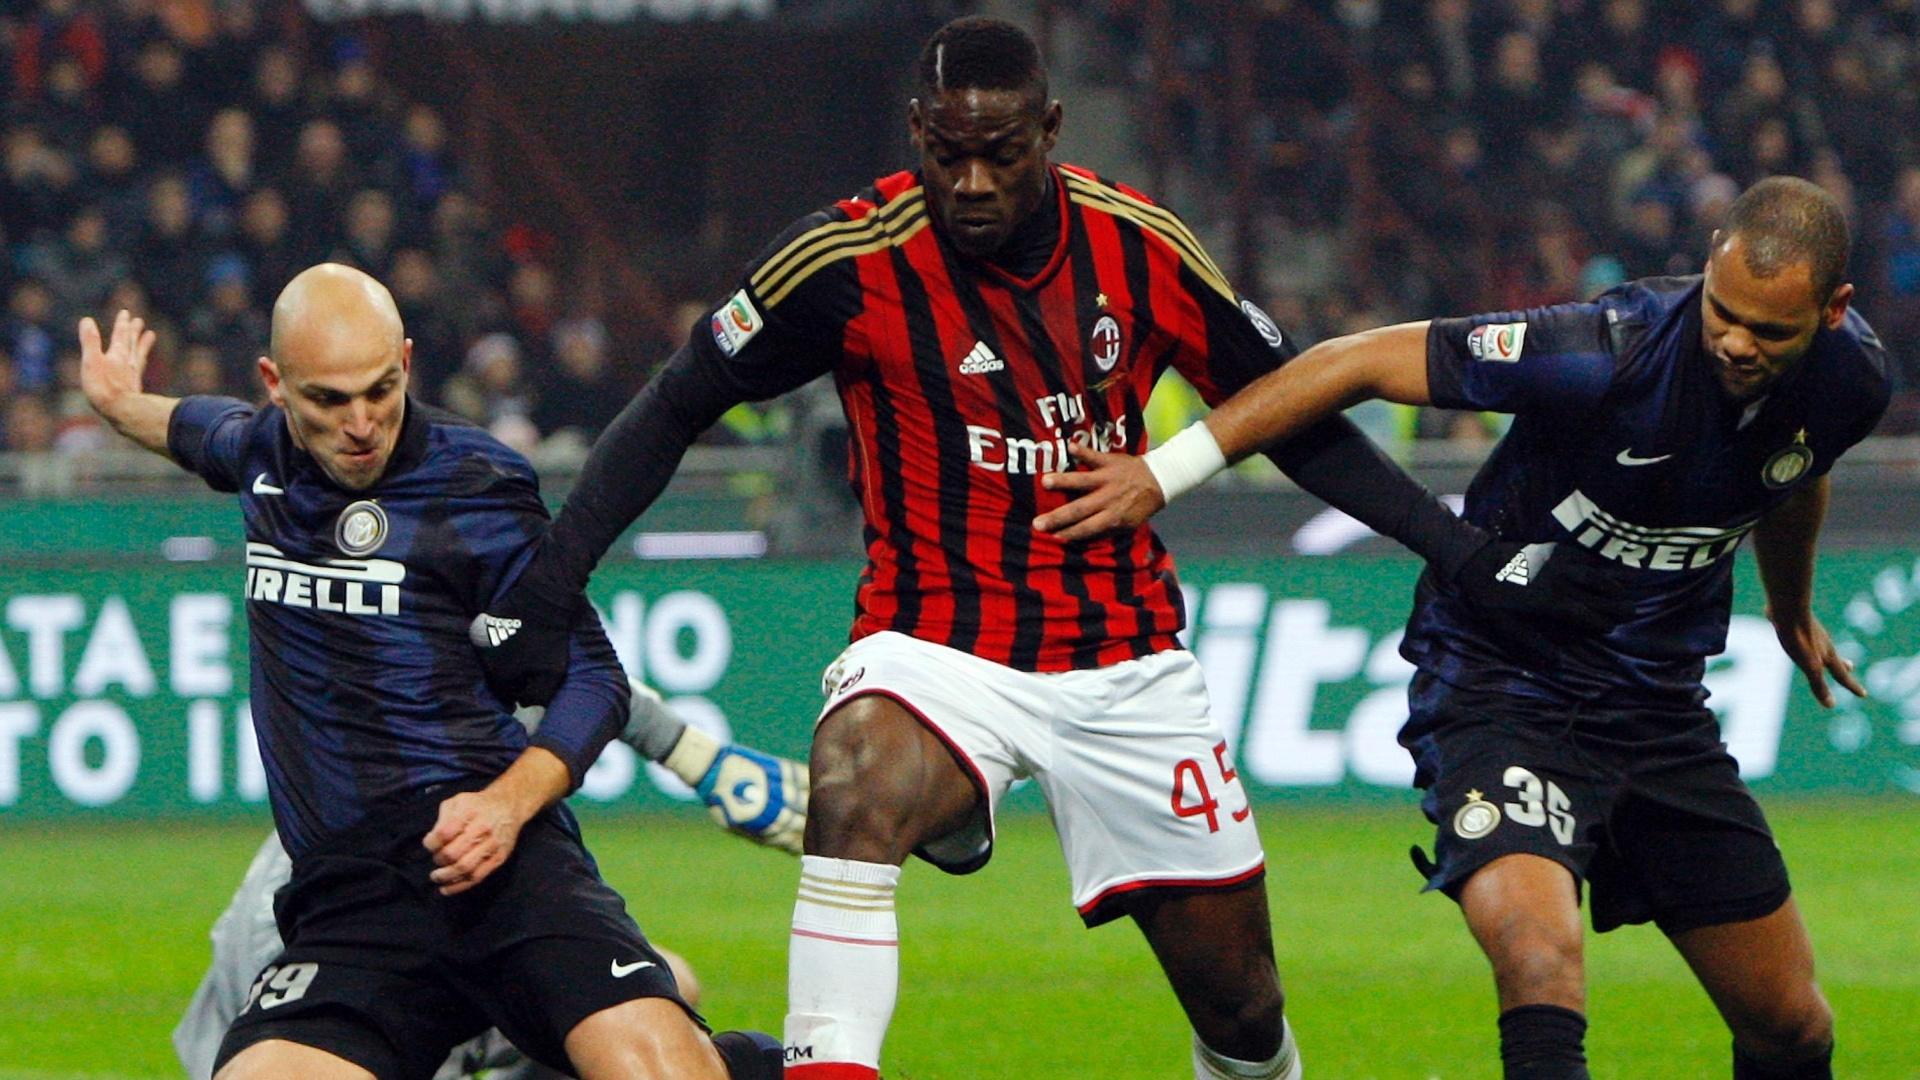 22.dez.2013 - Atacante italiano Balotelli tenta escapar da marcação de Cambiasso e Rolando, da Inter de Milão